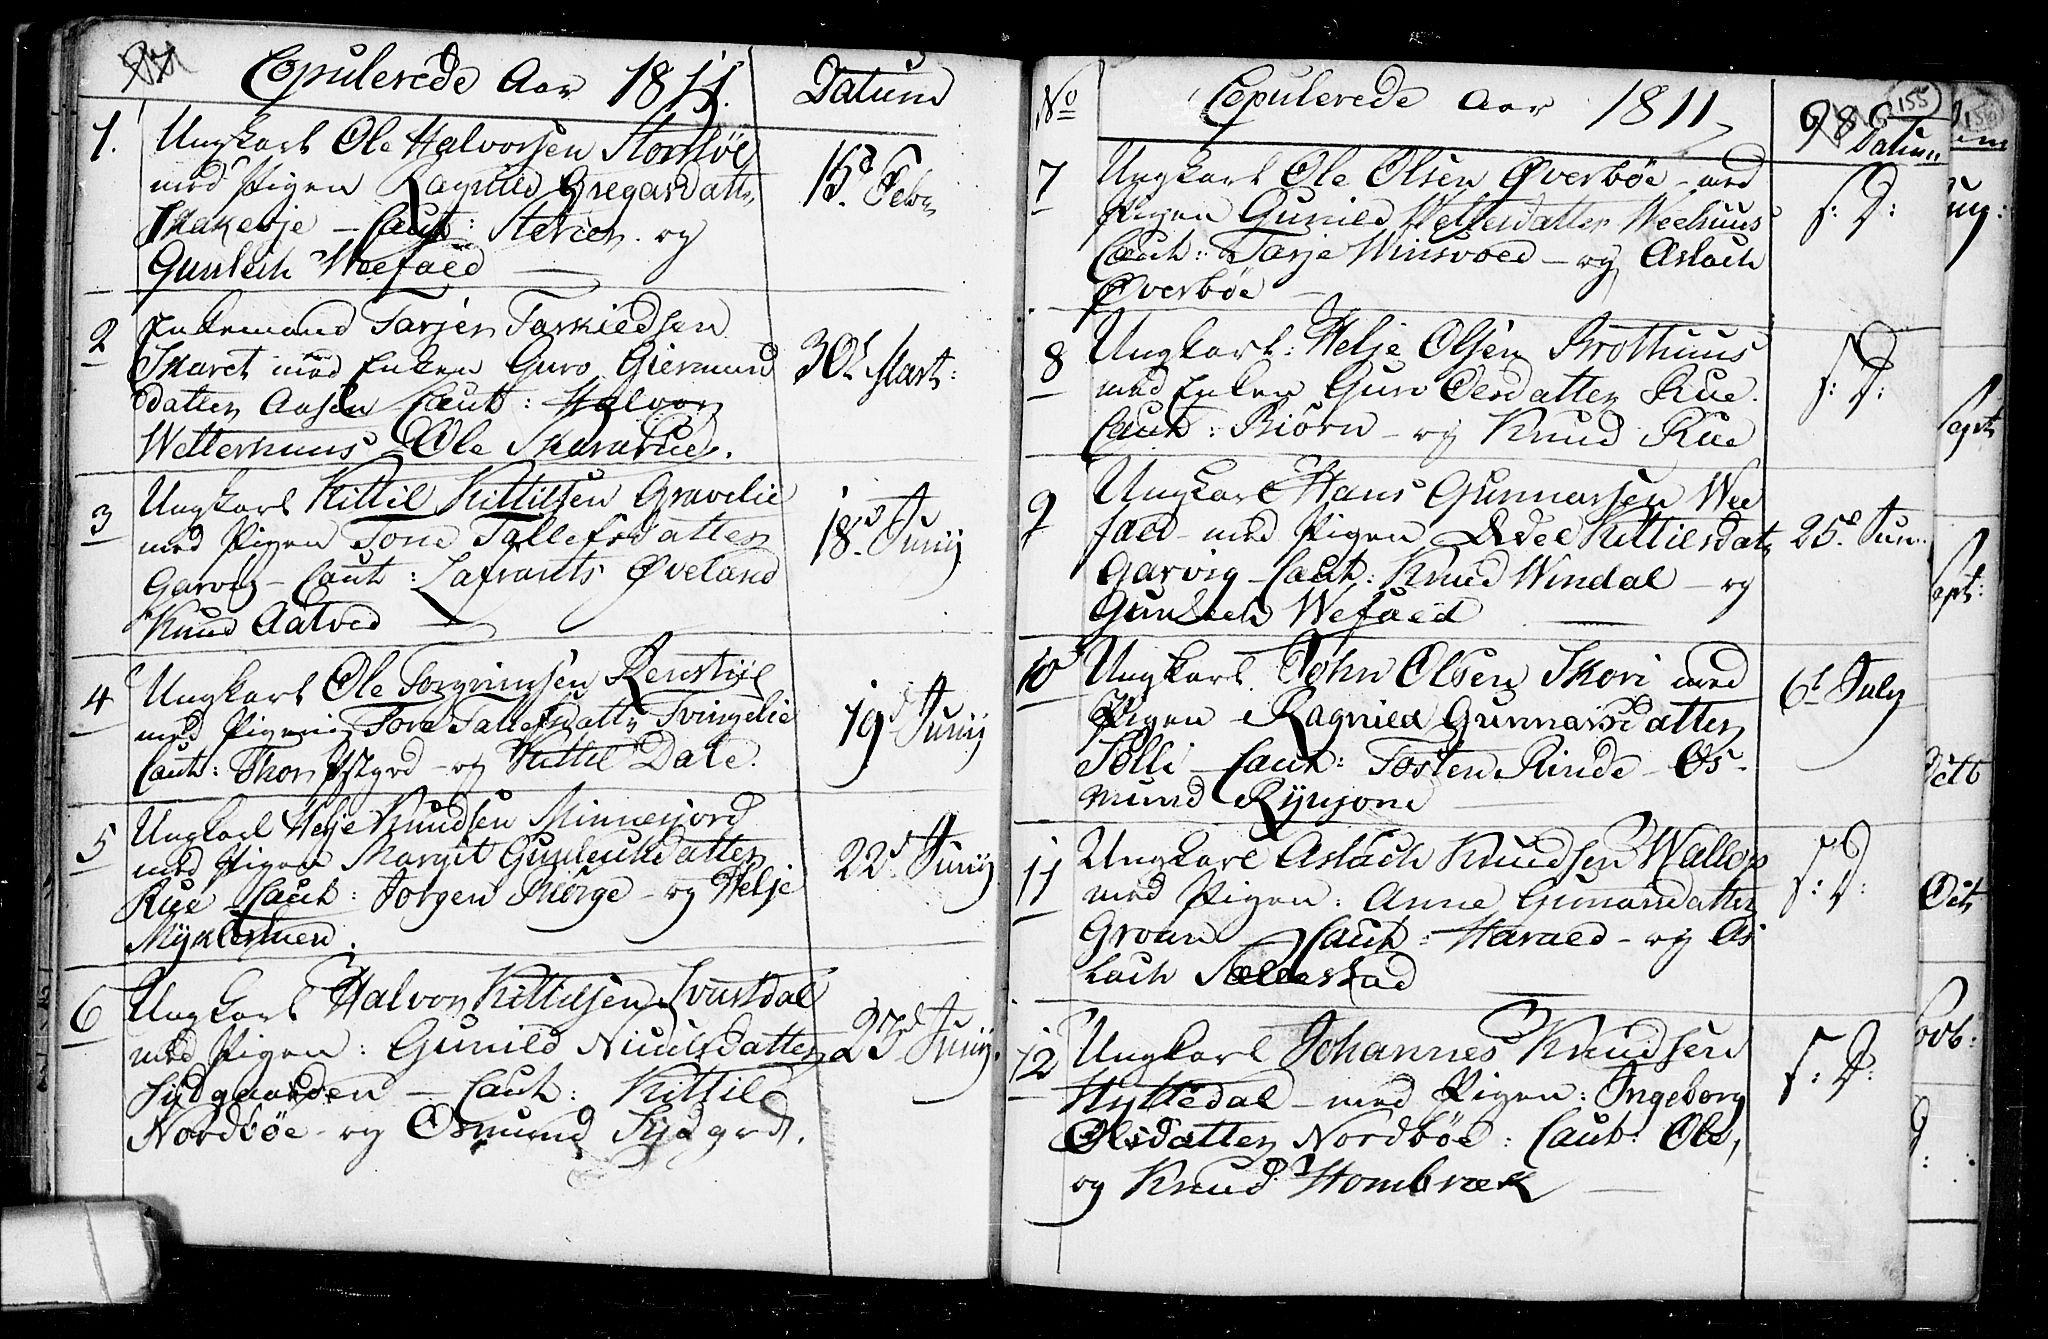 SAKO, Seljord kirkebøker, F/Fa/L0008: Ministerialbok nr. I 8, 1755-1814, s. 155